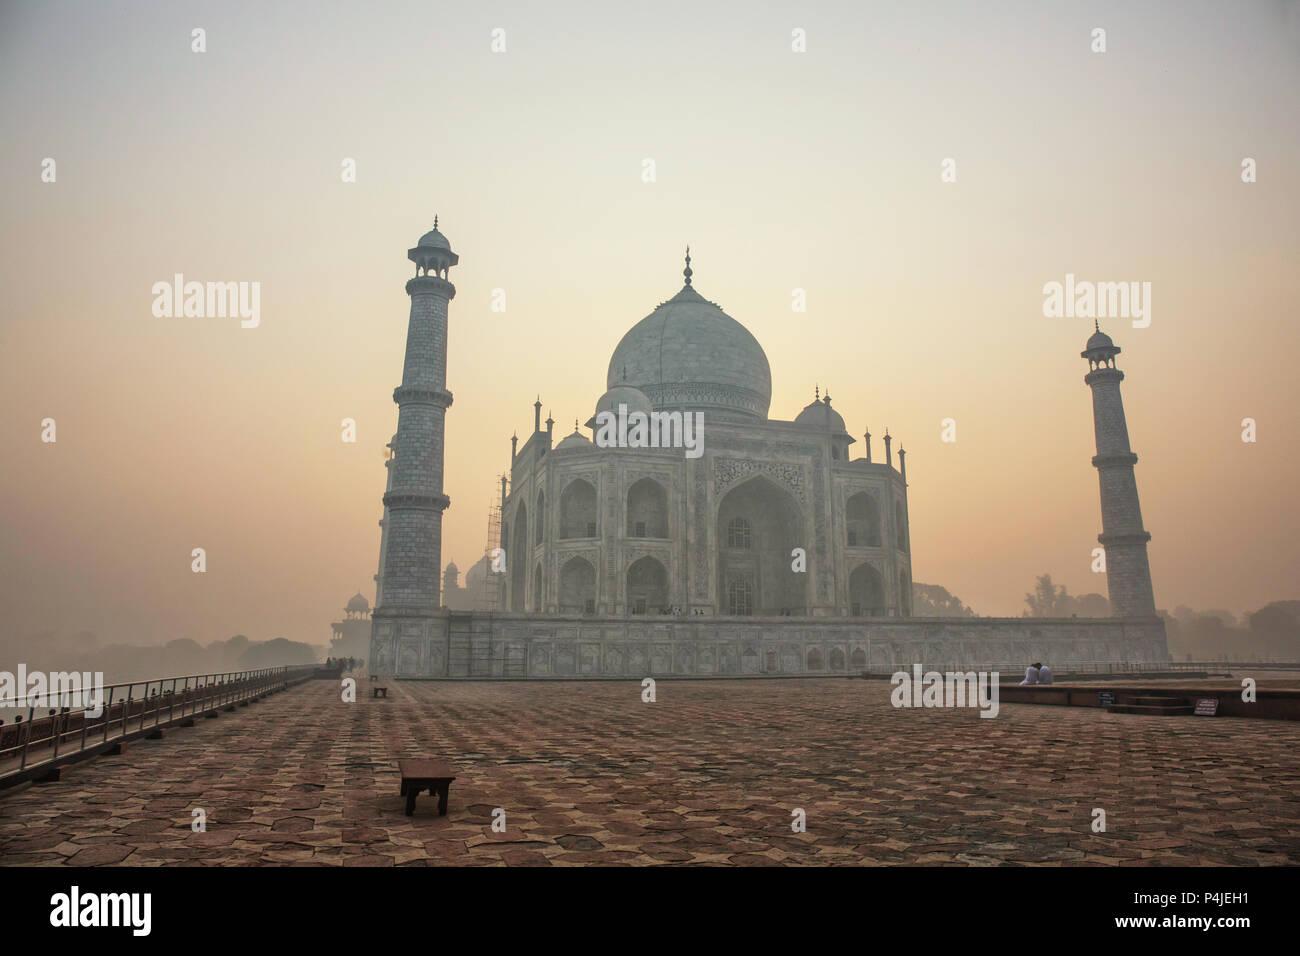 Agra, India. Taj Mahal de mármol blanco y paredes con minaretes complejos a través de la bruma y el smog de la fortaleza de Agra fortaleza la UNESCO patrimonio Imagen De Stock